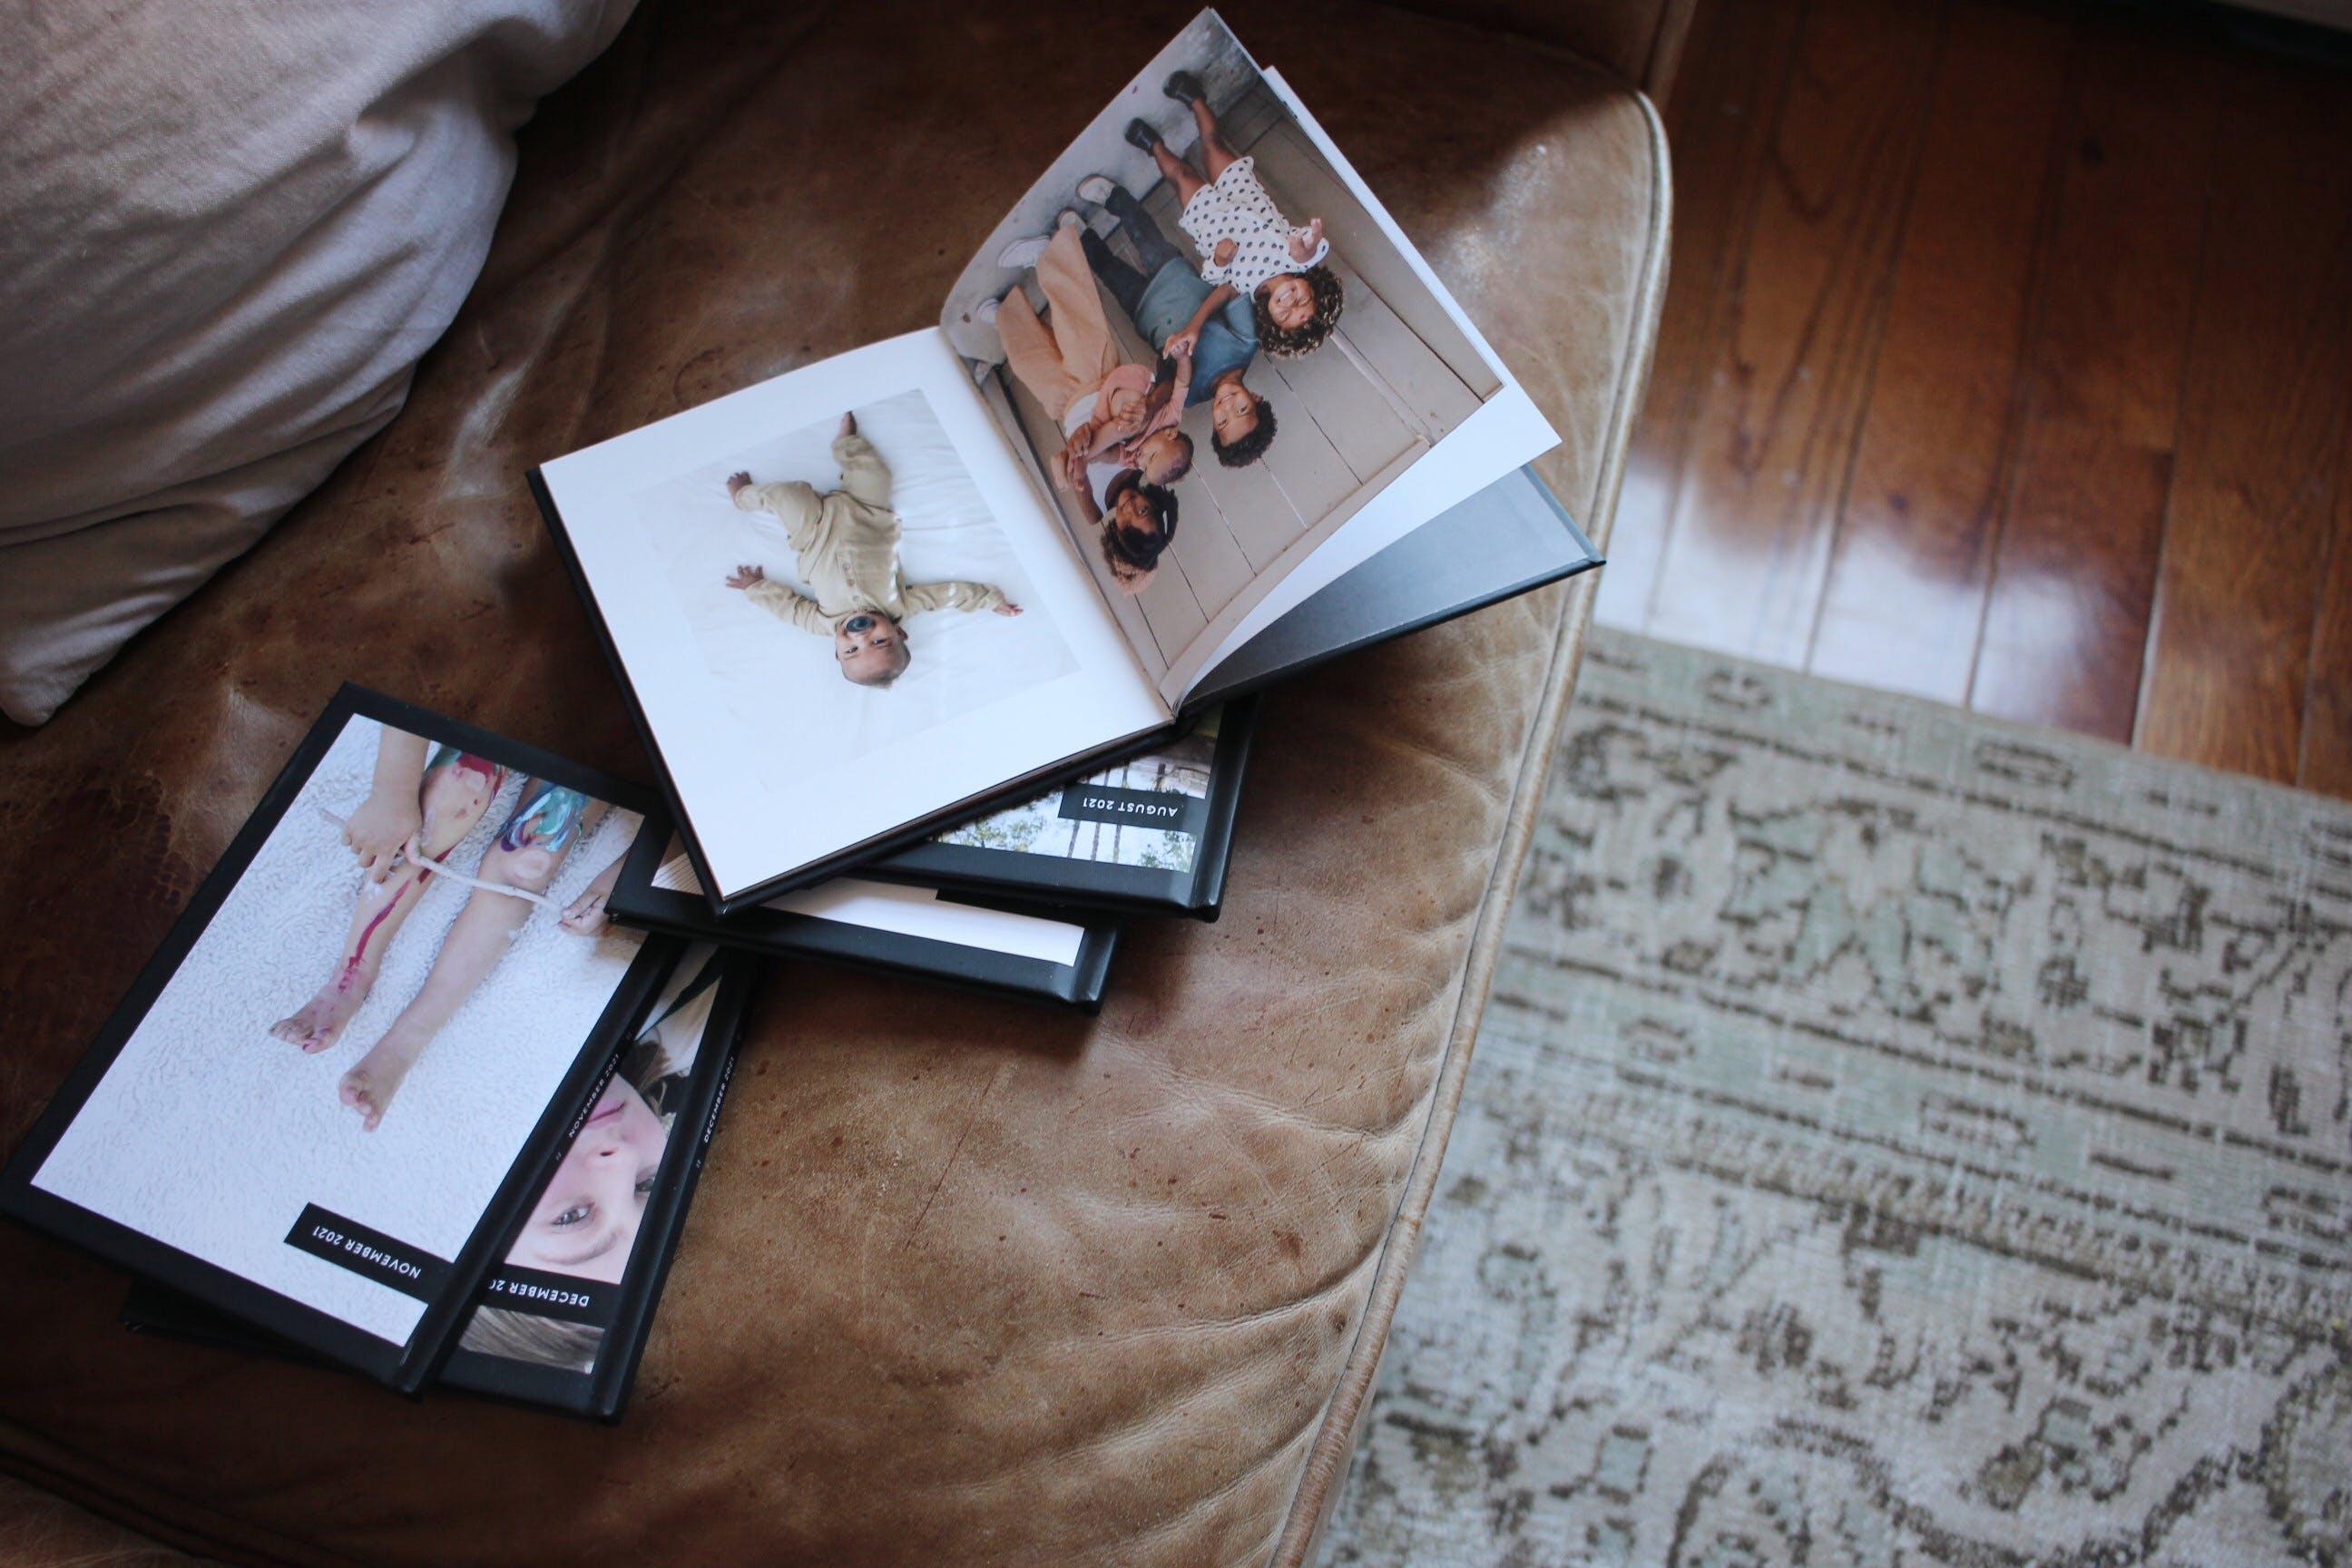 Monthbooks on ottomann